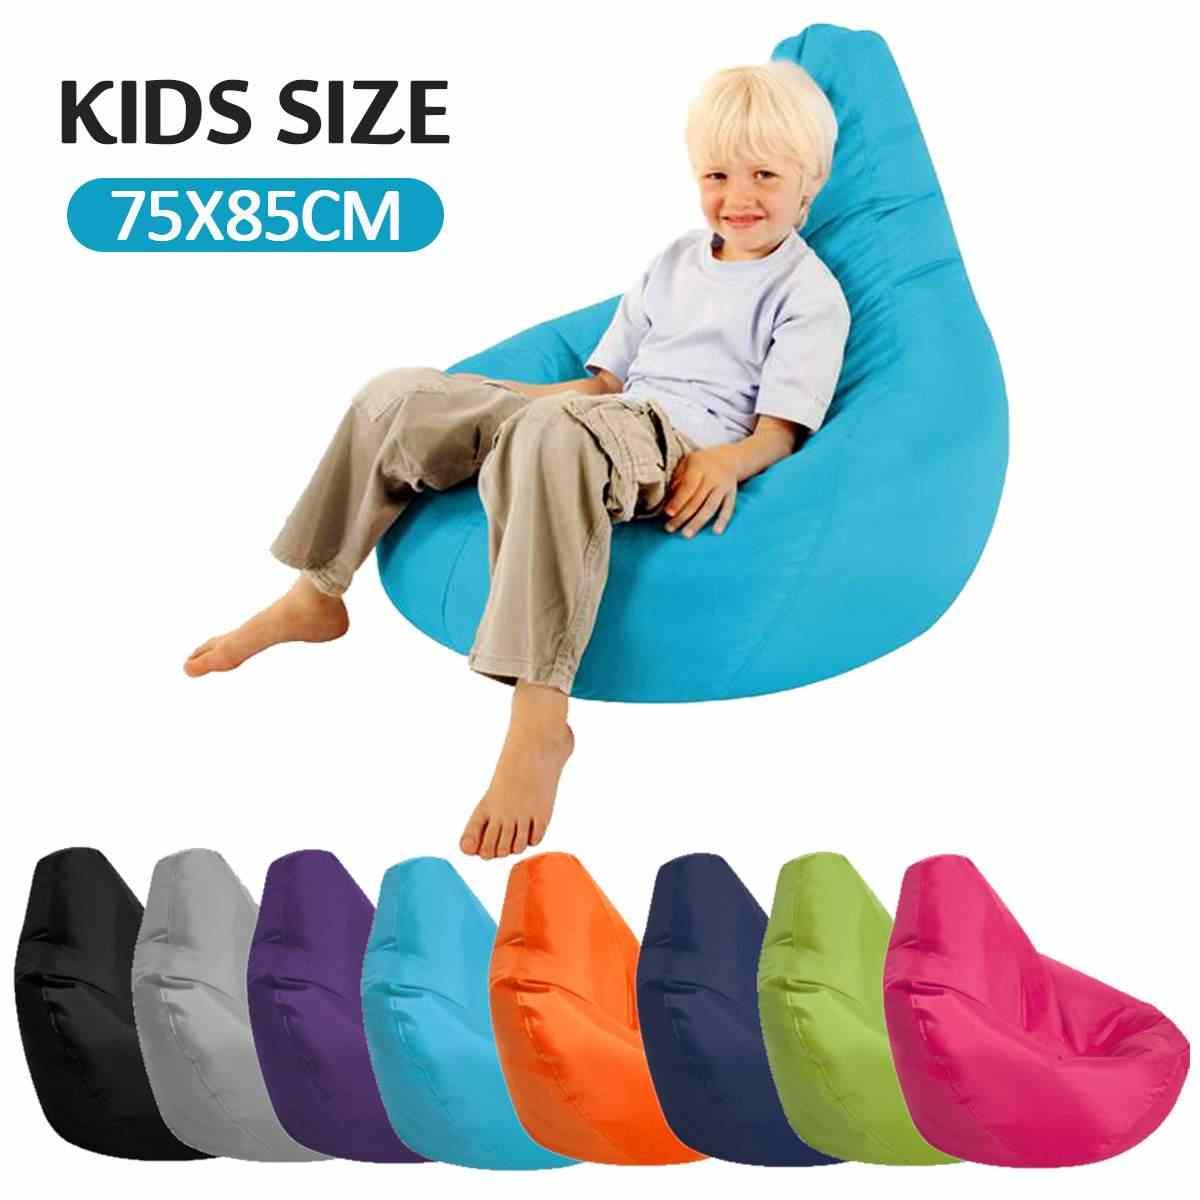 Crianças do Saco de Feijão Sofá Tampa Da Cadeira Espreguiçadeira Sofá Assento Otomano Sofá Mobília Da Sala de Cama Sem Enchimento Beanbag Pouf Puff tatami